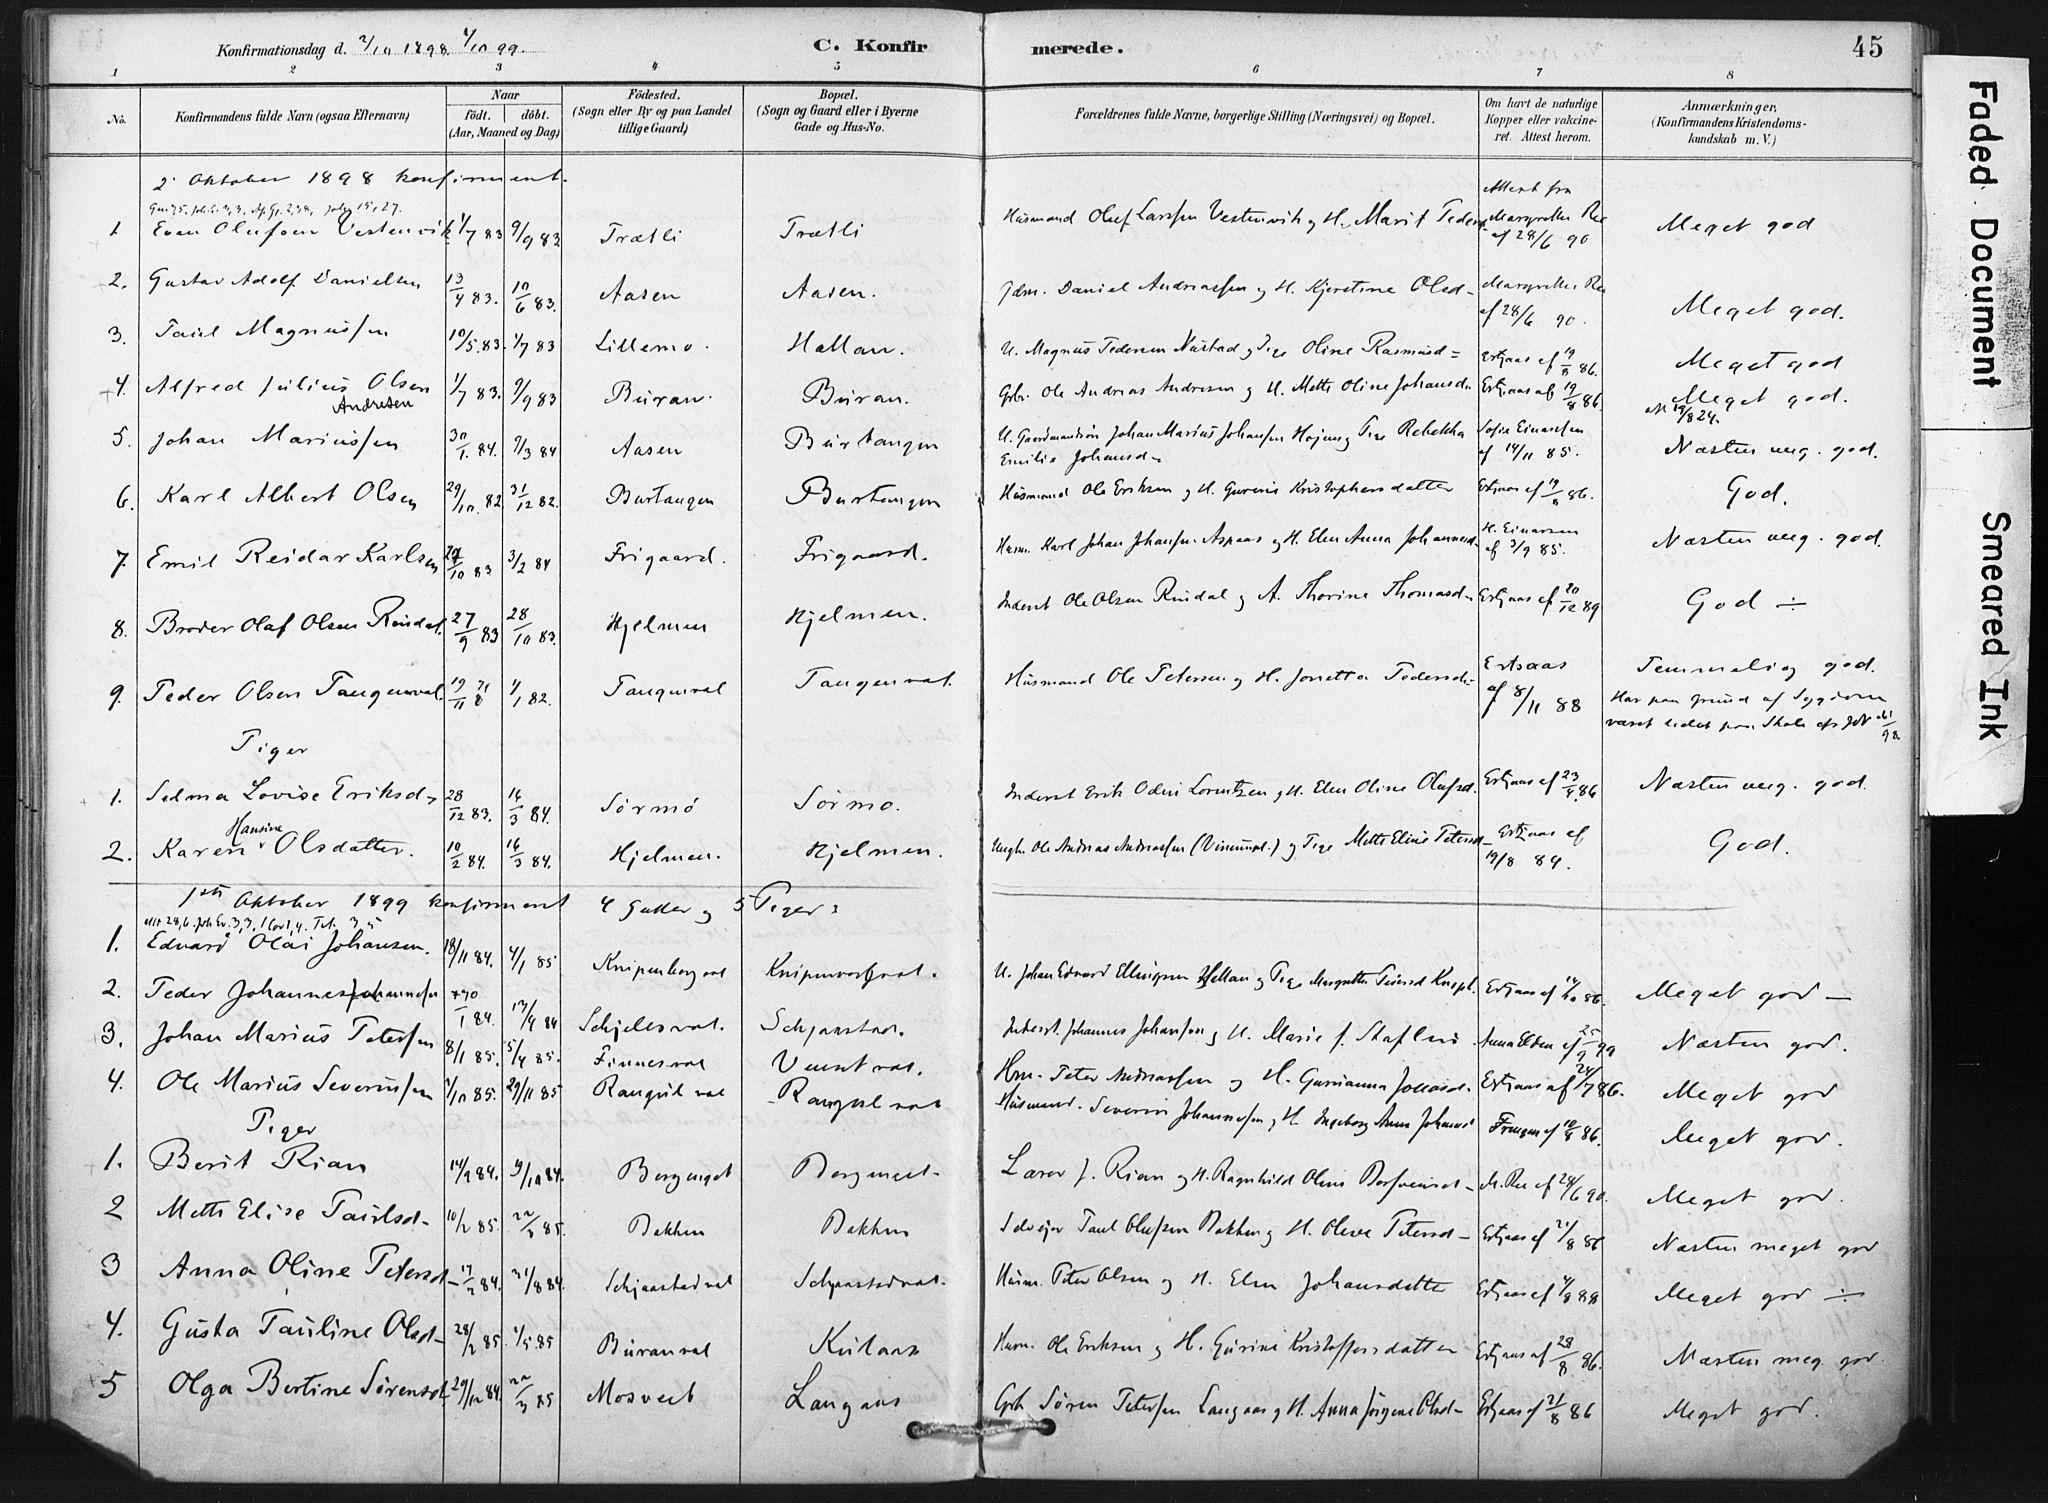 SAT, Ministerialprotokoller, klokkerbøker og fødselsregistre - Nord-Trøndelag, 718/L0175: Ministerialbok nr. 718A01, 1890-1923, s. 45